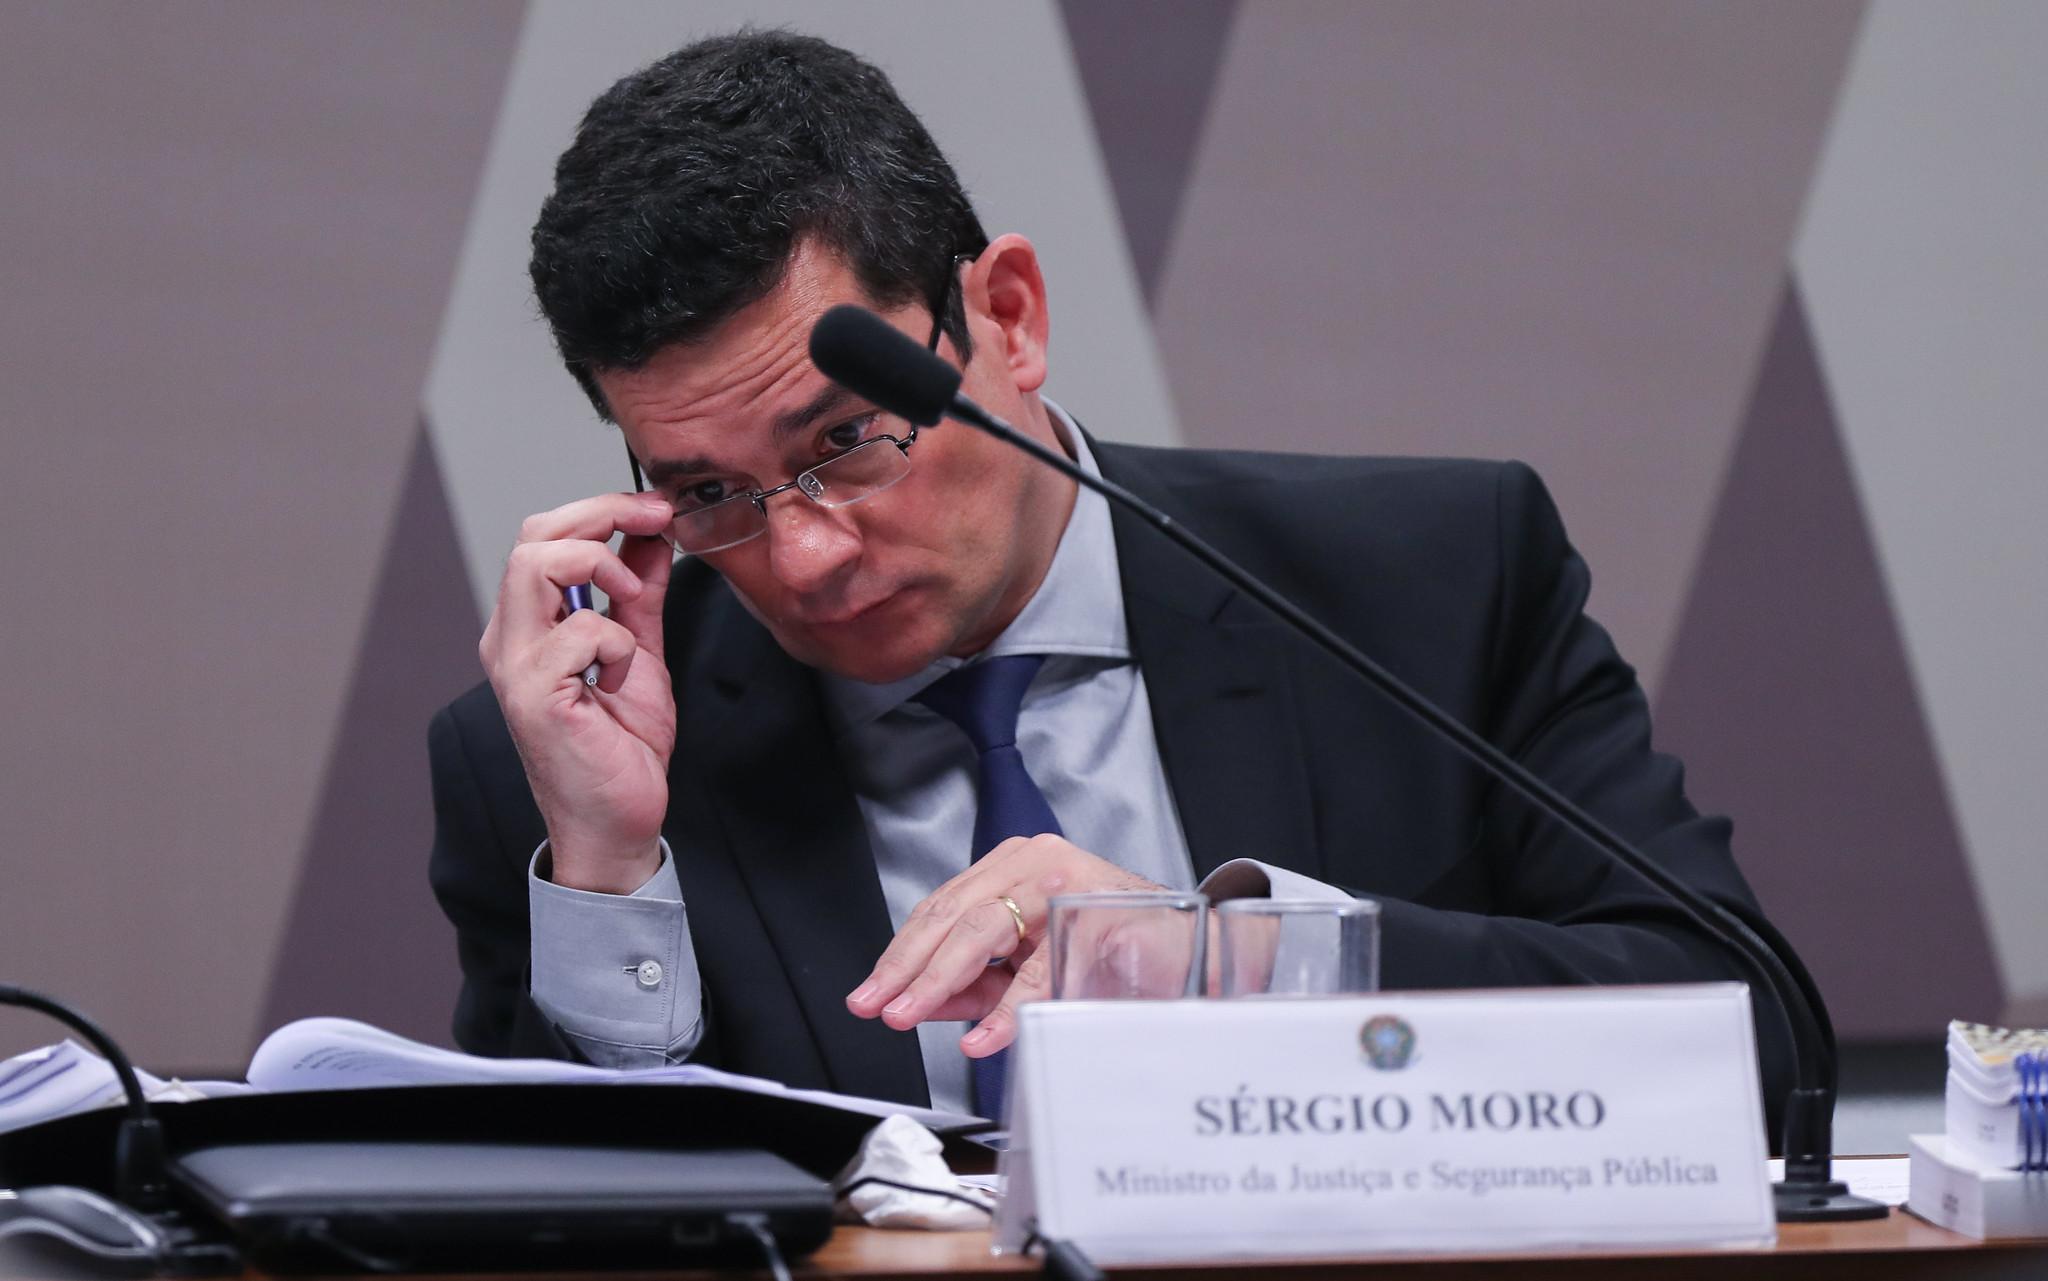 c784290864 Permanência de Moro no Ministério compromete apuração da 'Vaza Jato ...